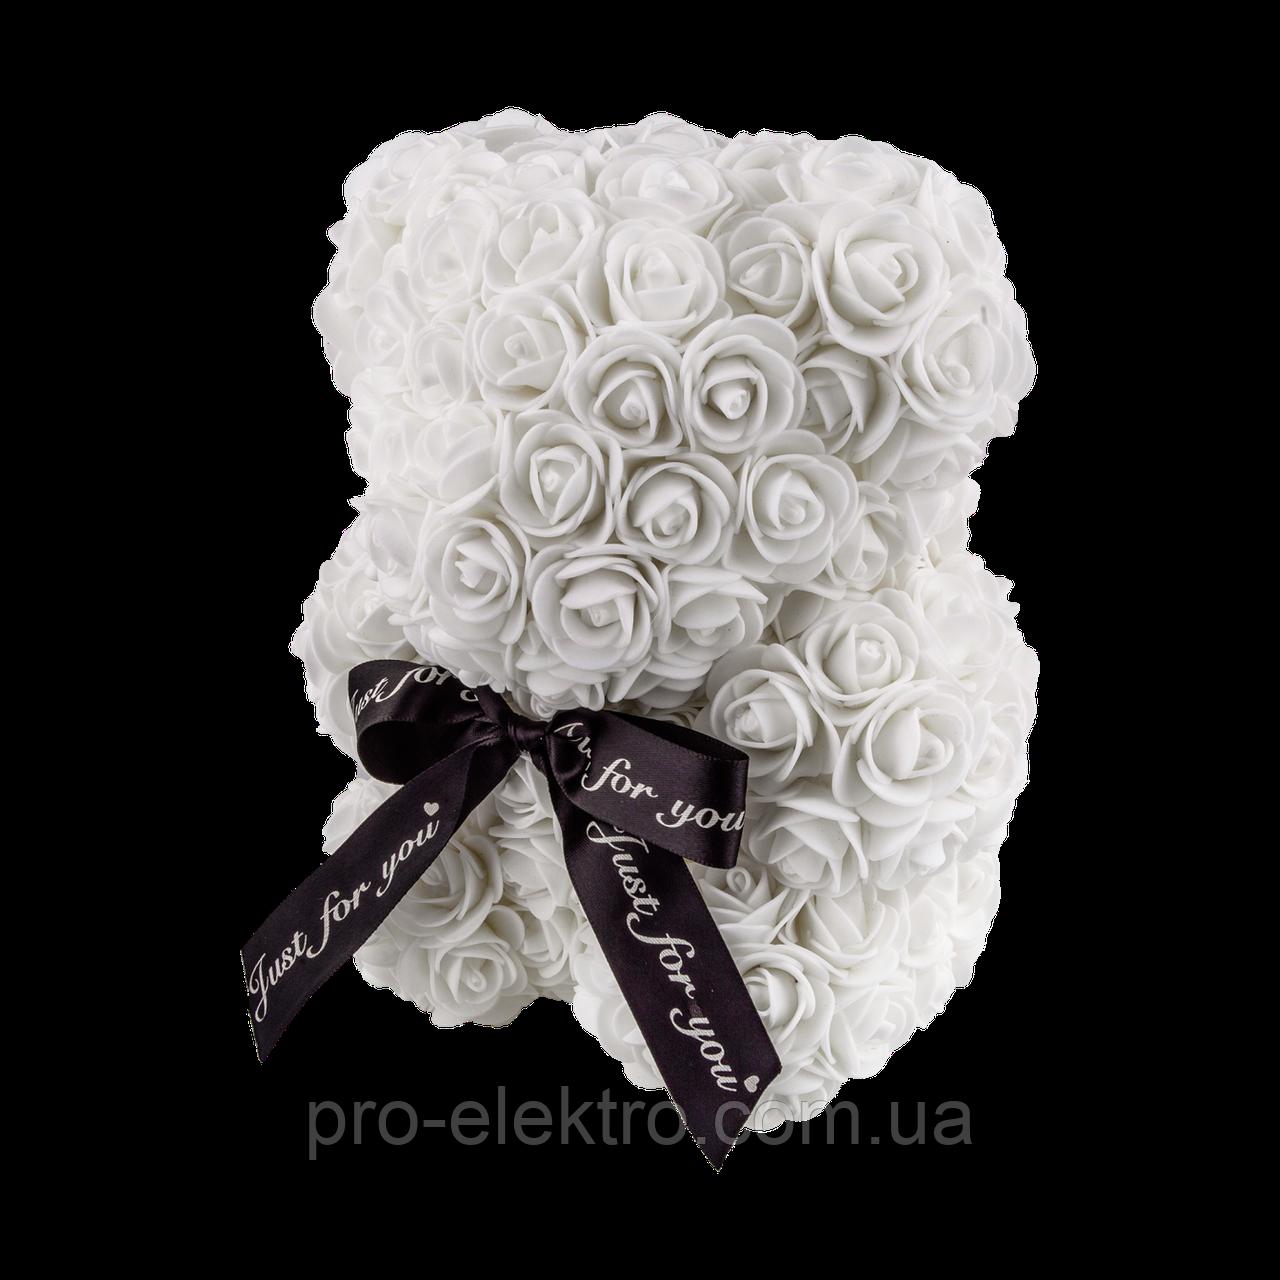 Мишко з 3D троянд 25 см білий